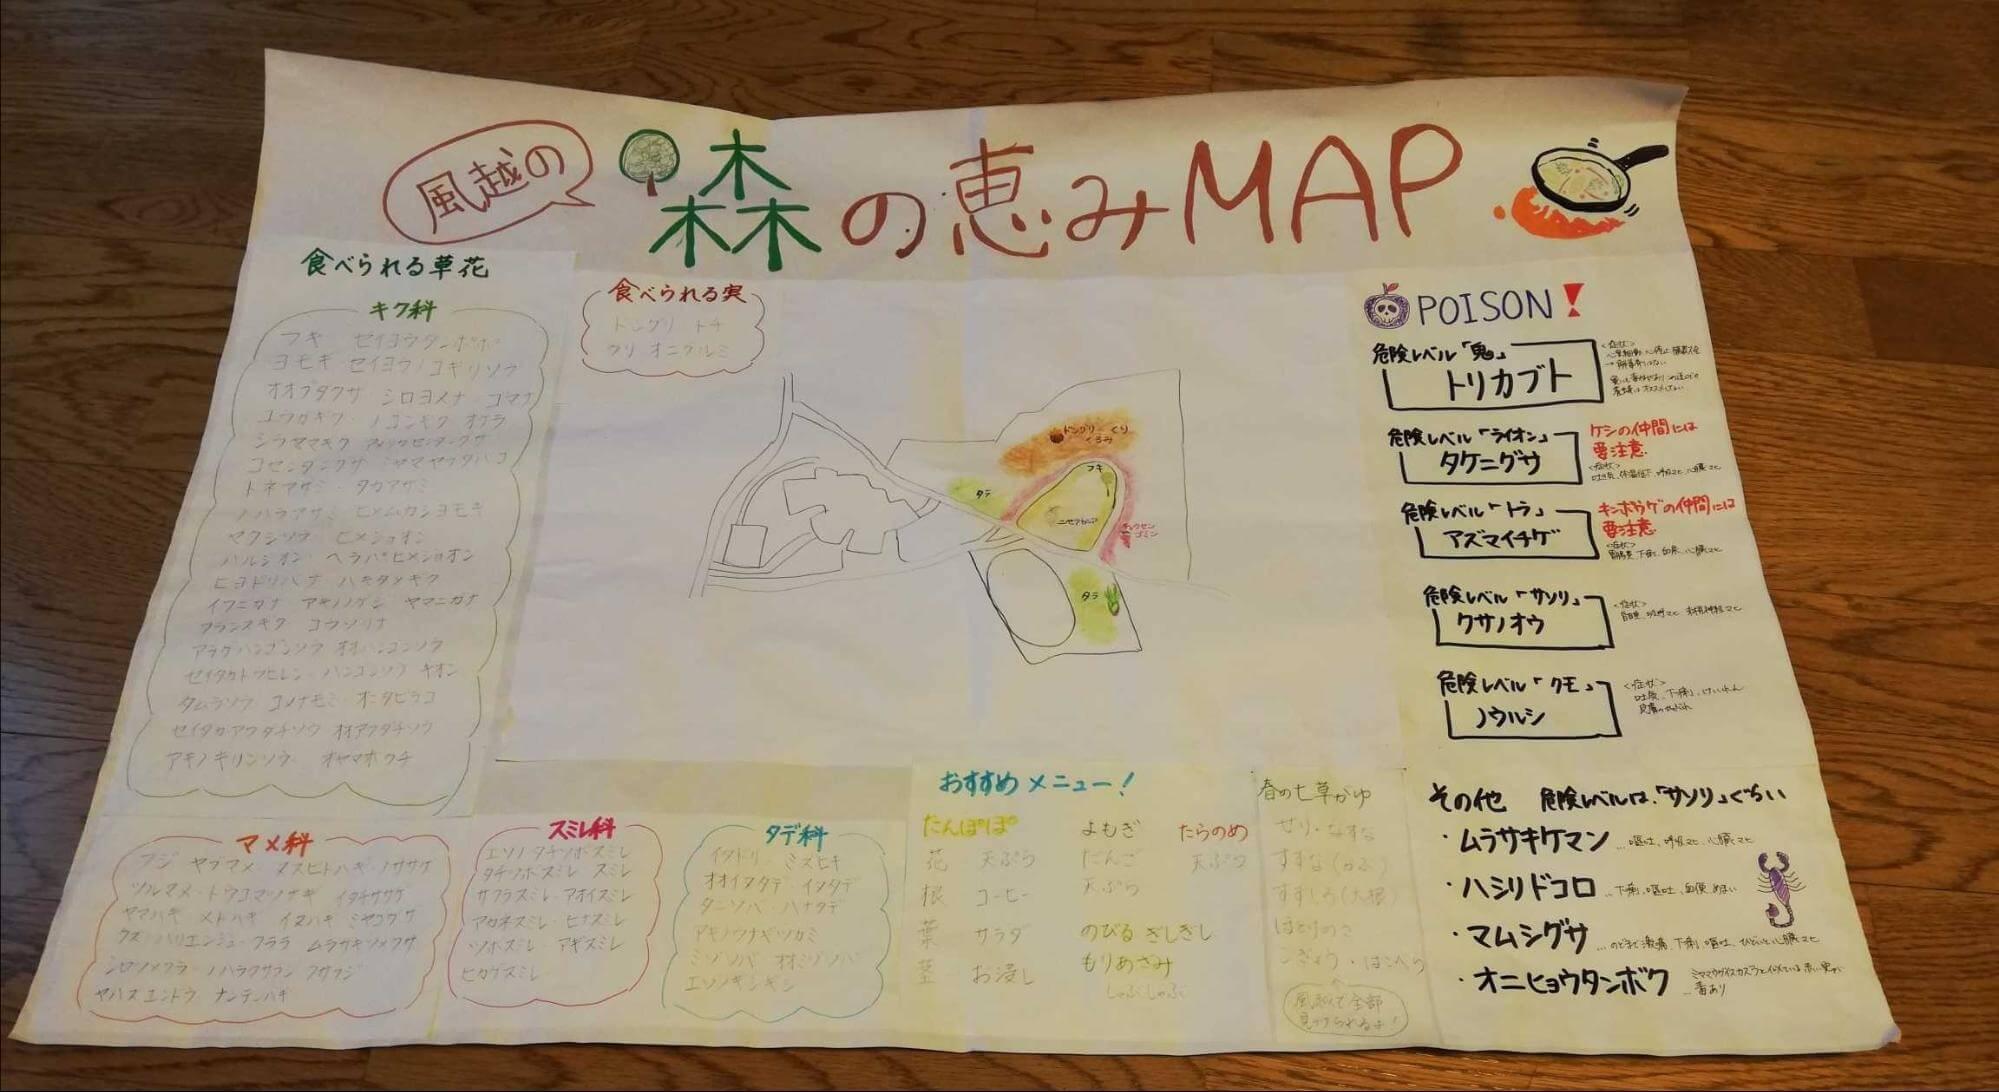 大人も学ぶーフィールドマップづくりから始まる探究